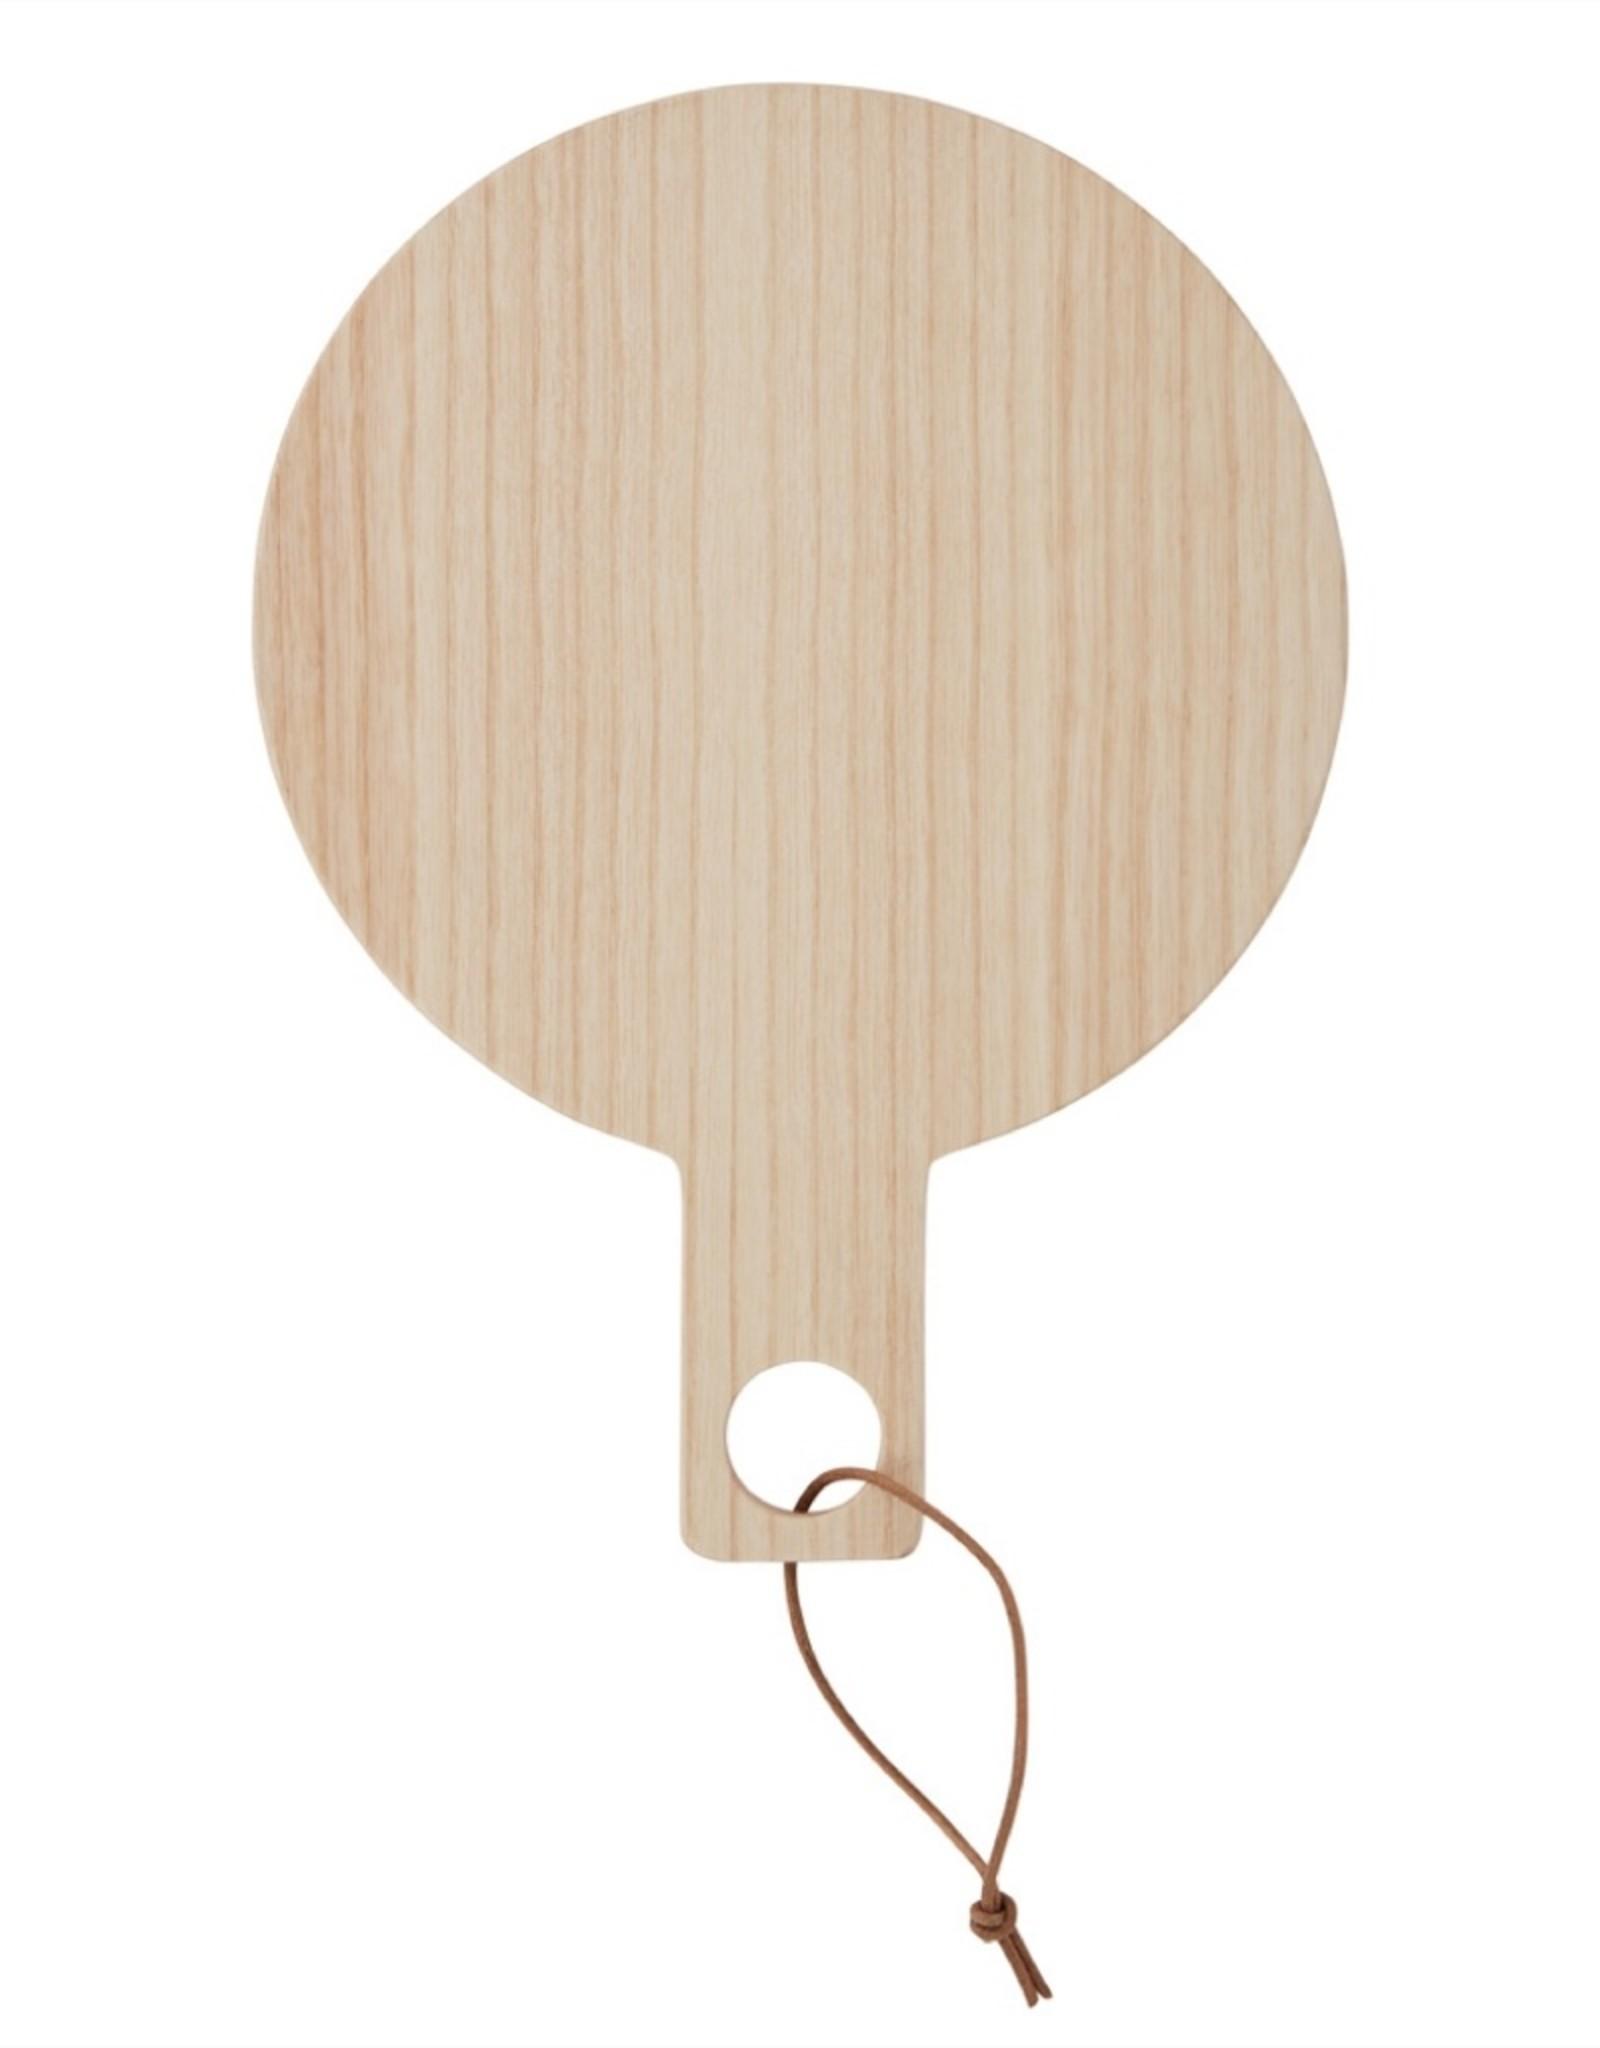 OYOY Ping Pong Handspiegel - Essenhout Licht